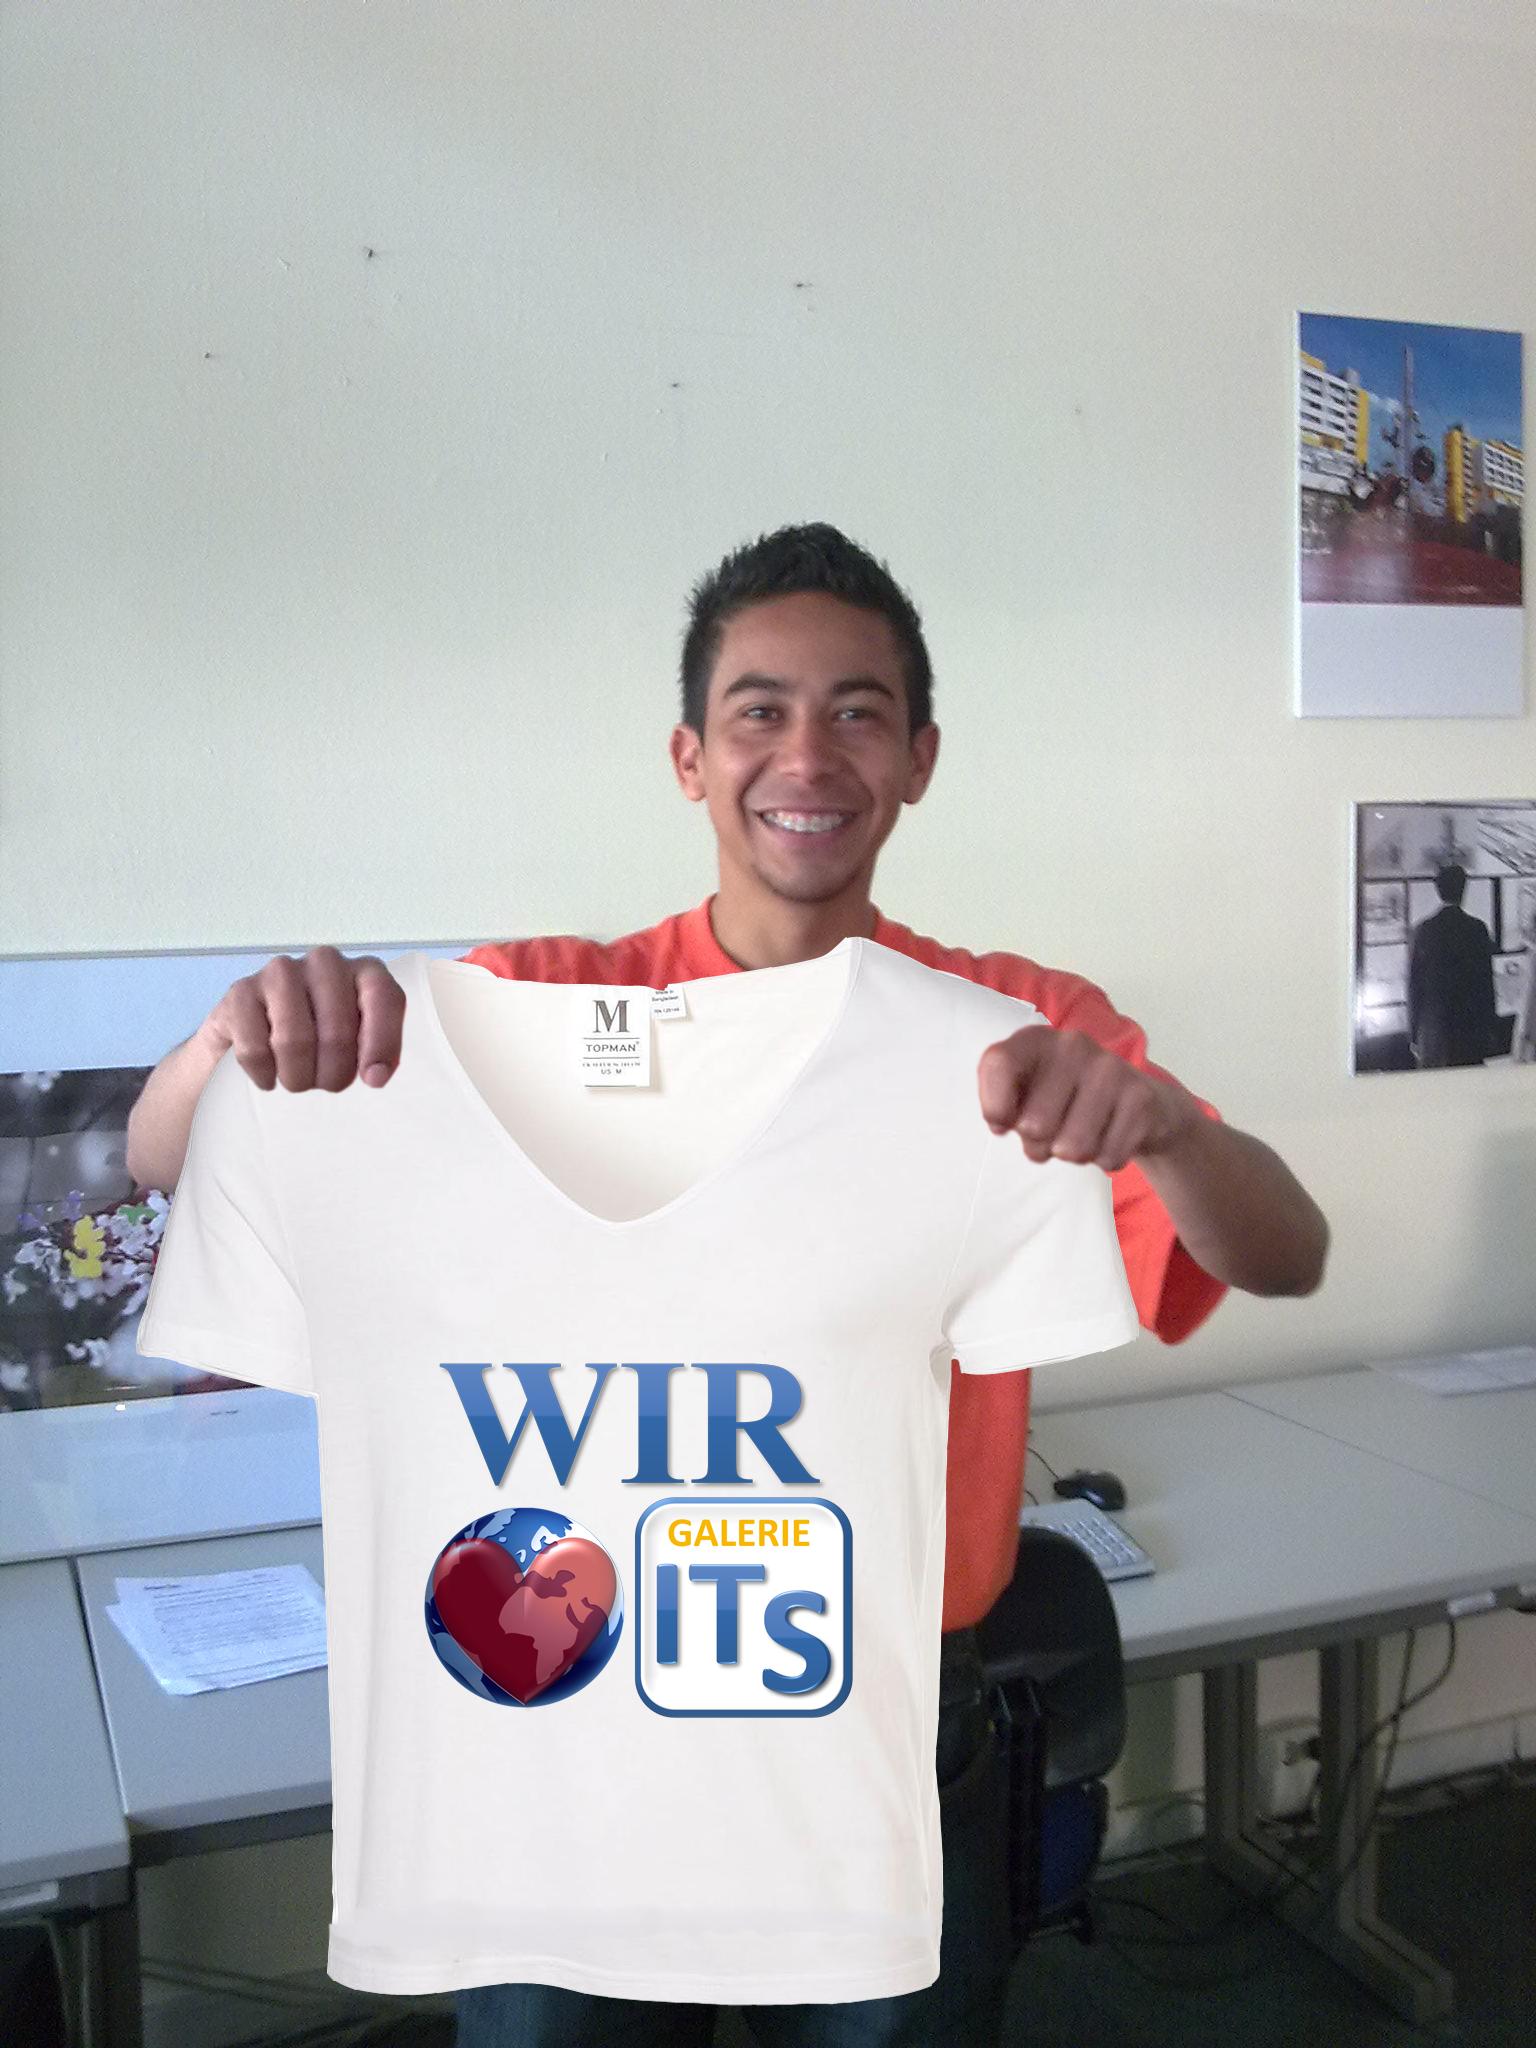 Eldo präsentiert das T-Shirt